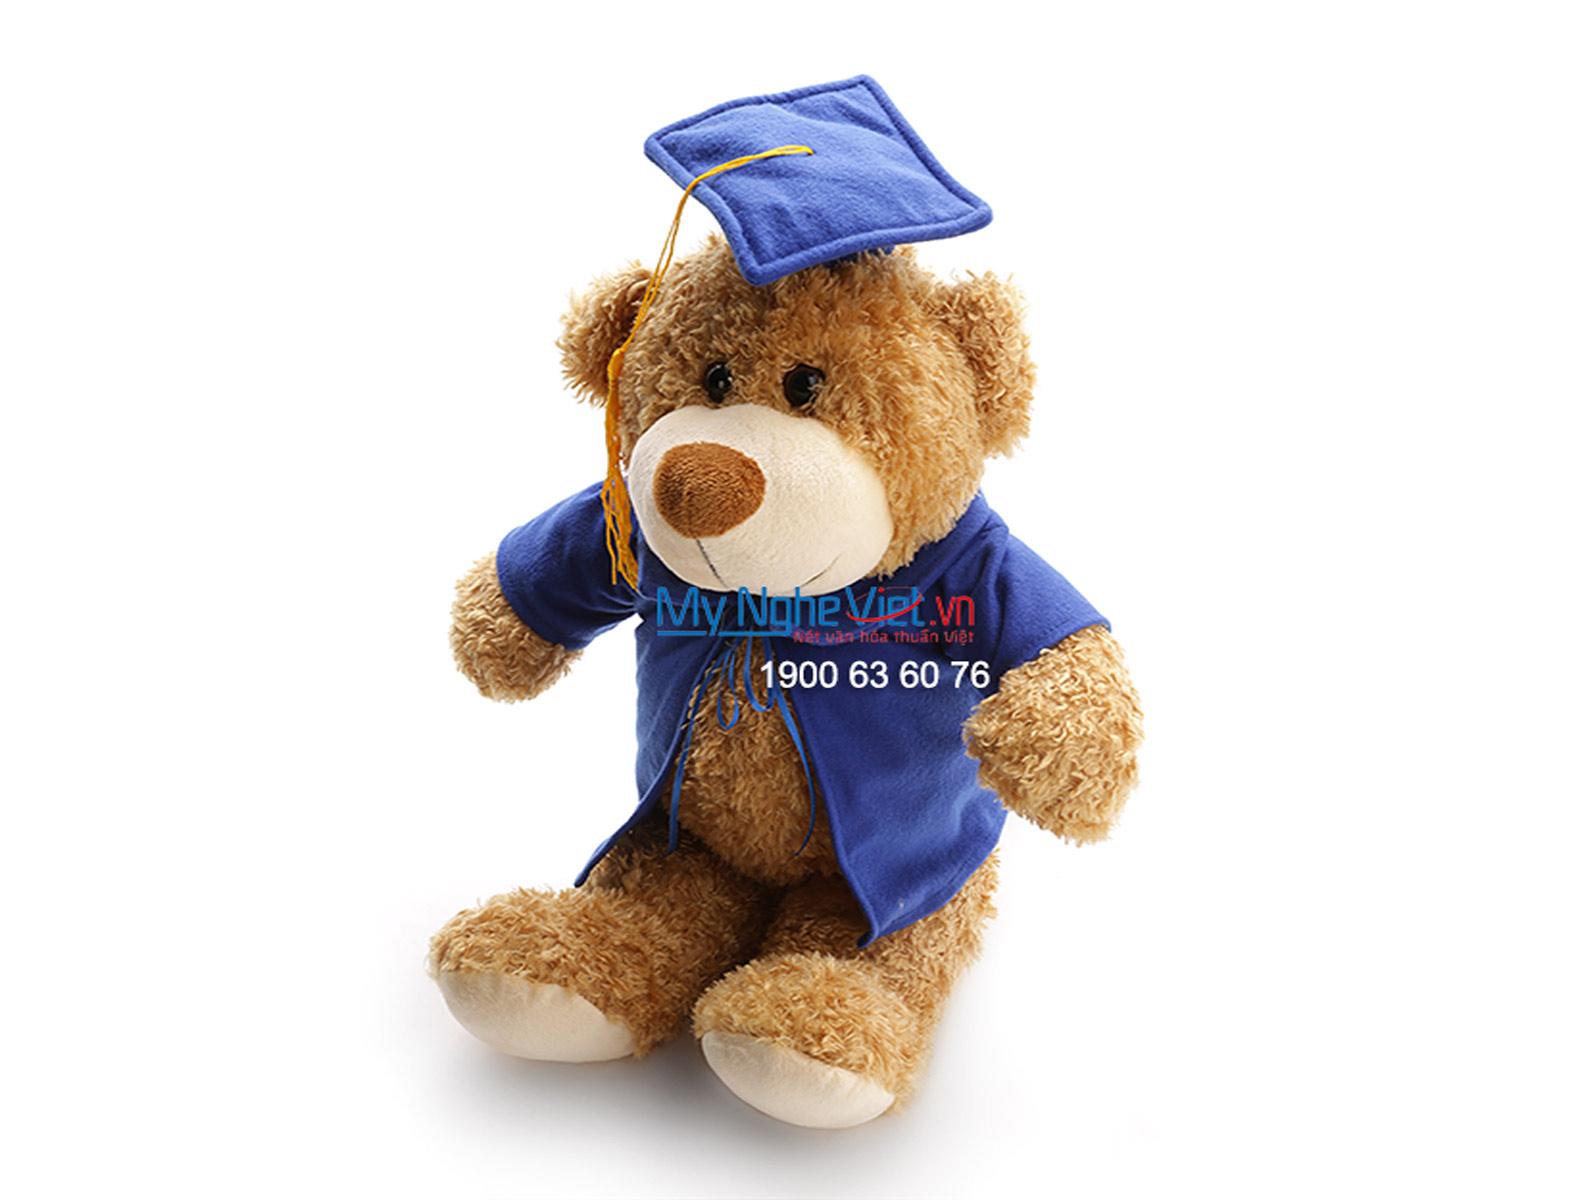 Gấu tốt nghiệp nâu QTN-GBL01